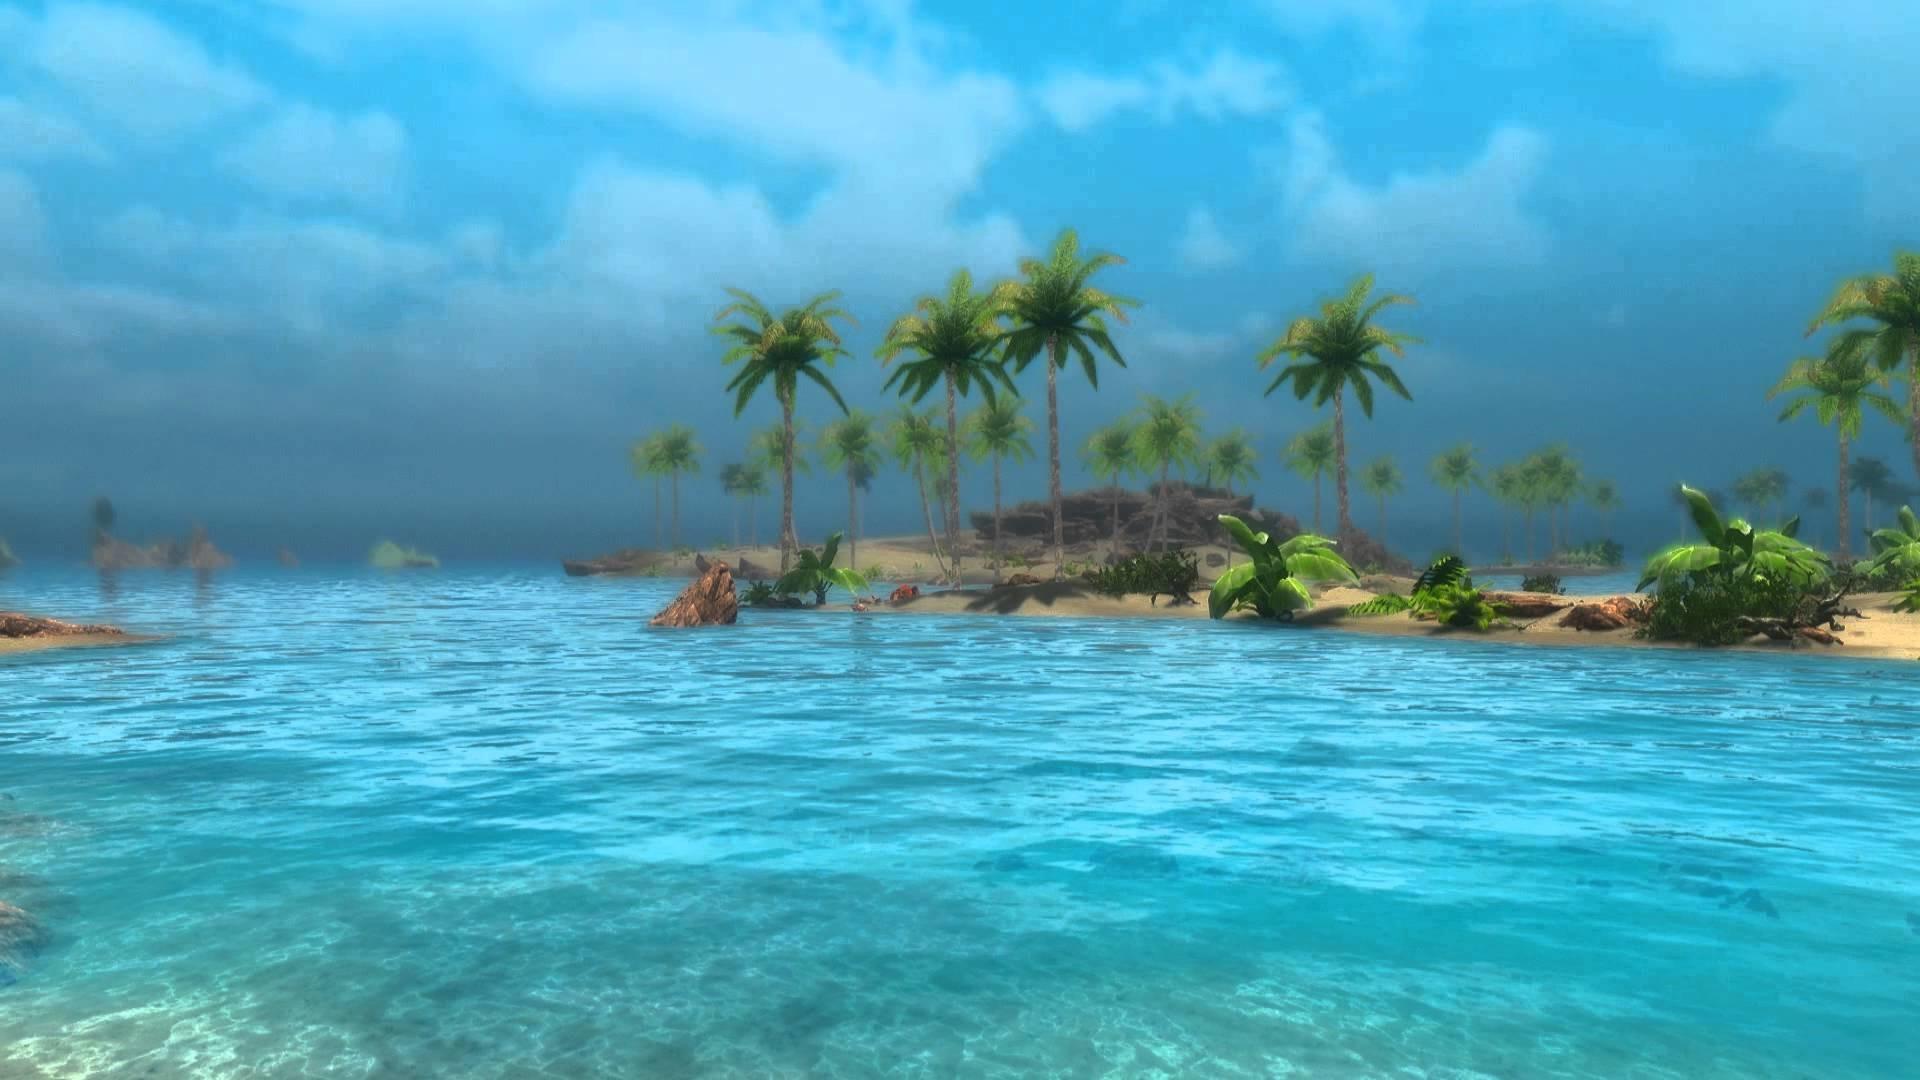 Animated Beach Scene Desktop Wallpaper: Wallpapers For Desktop Water Scenes (61+ Images